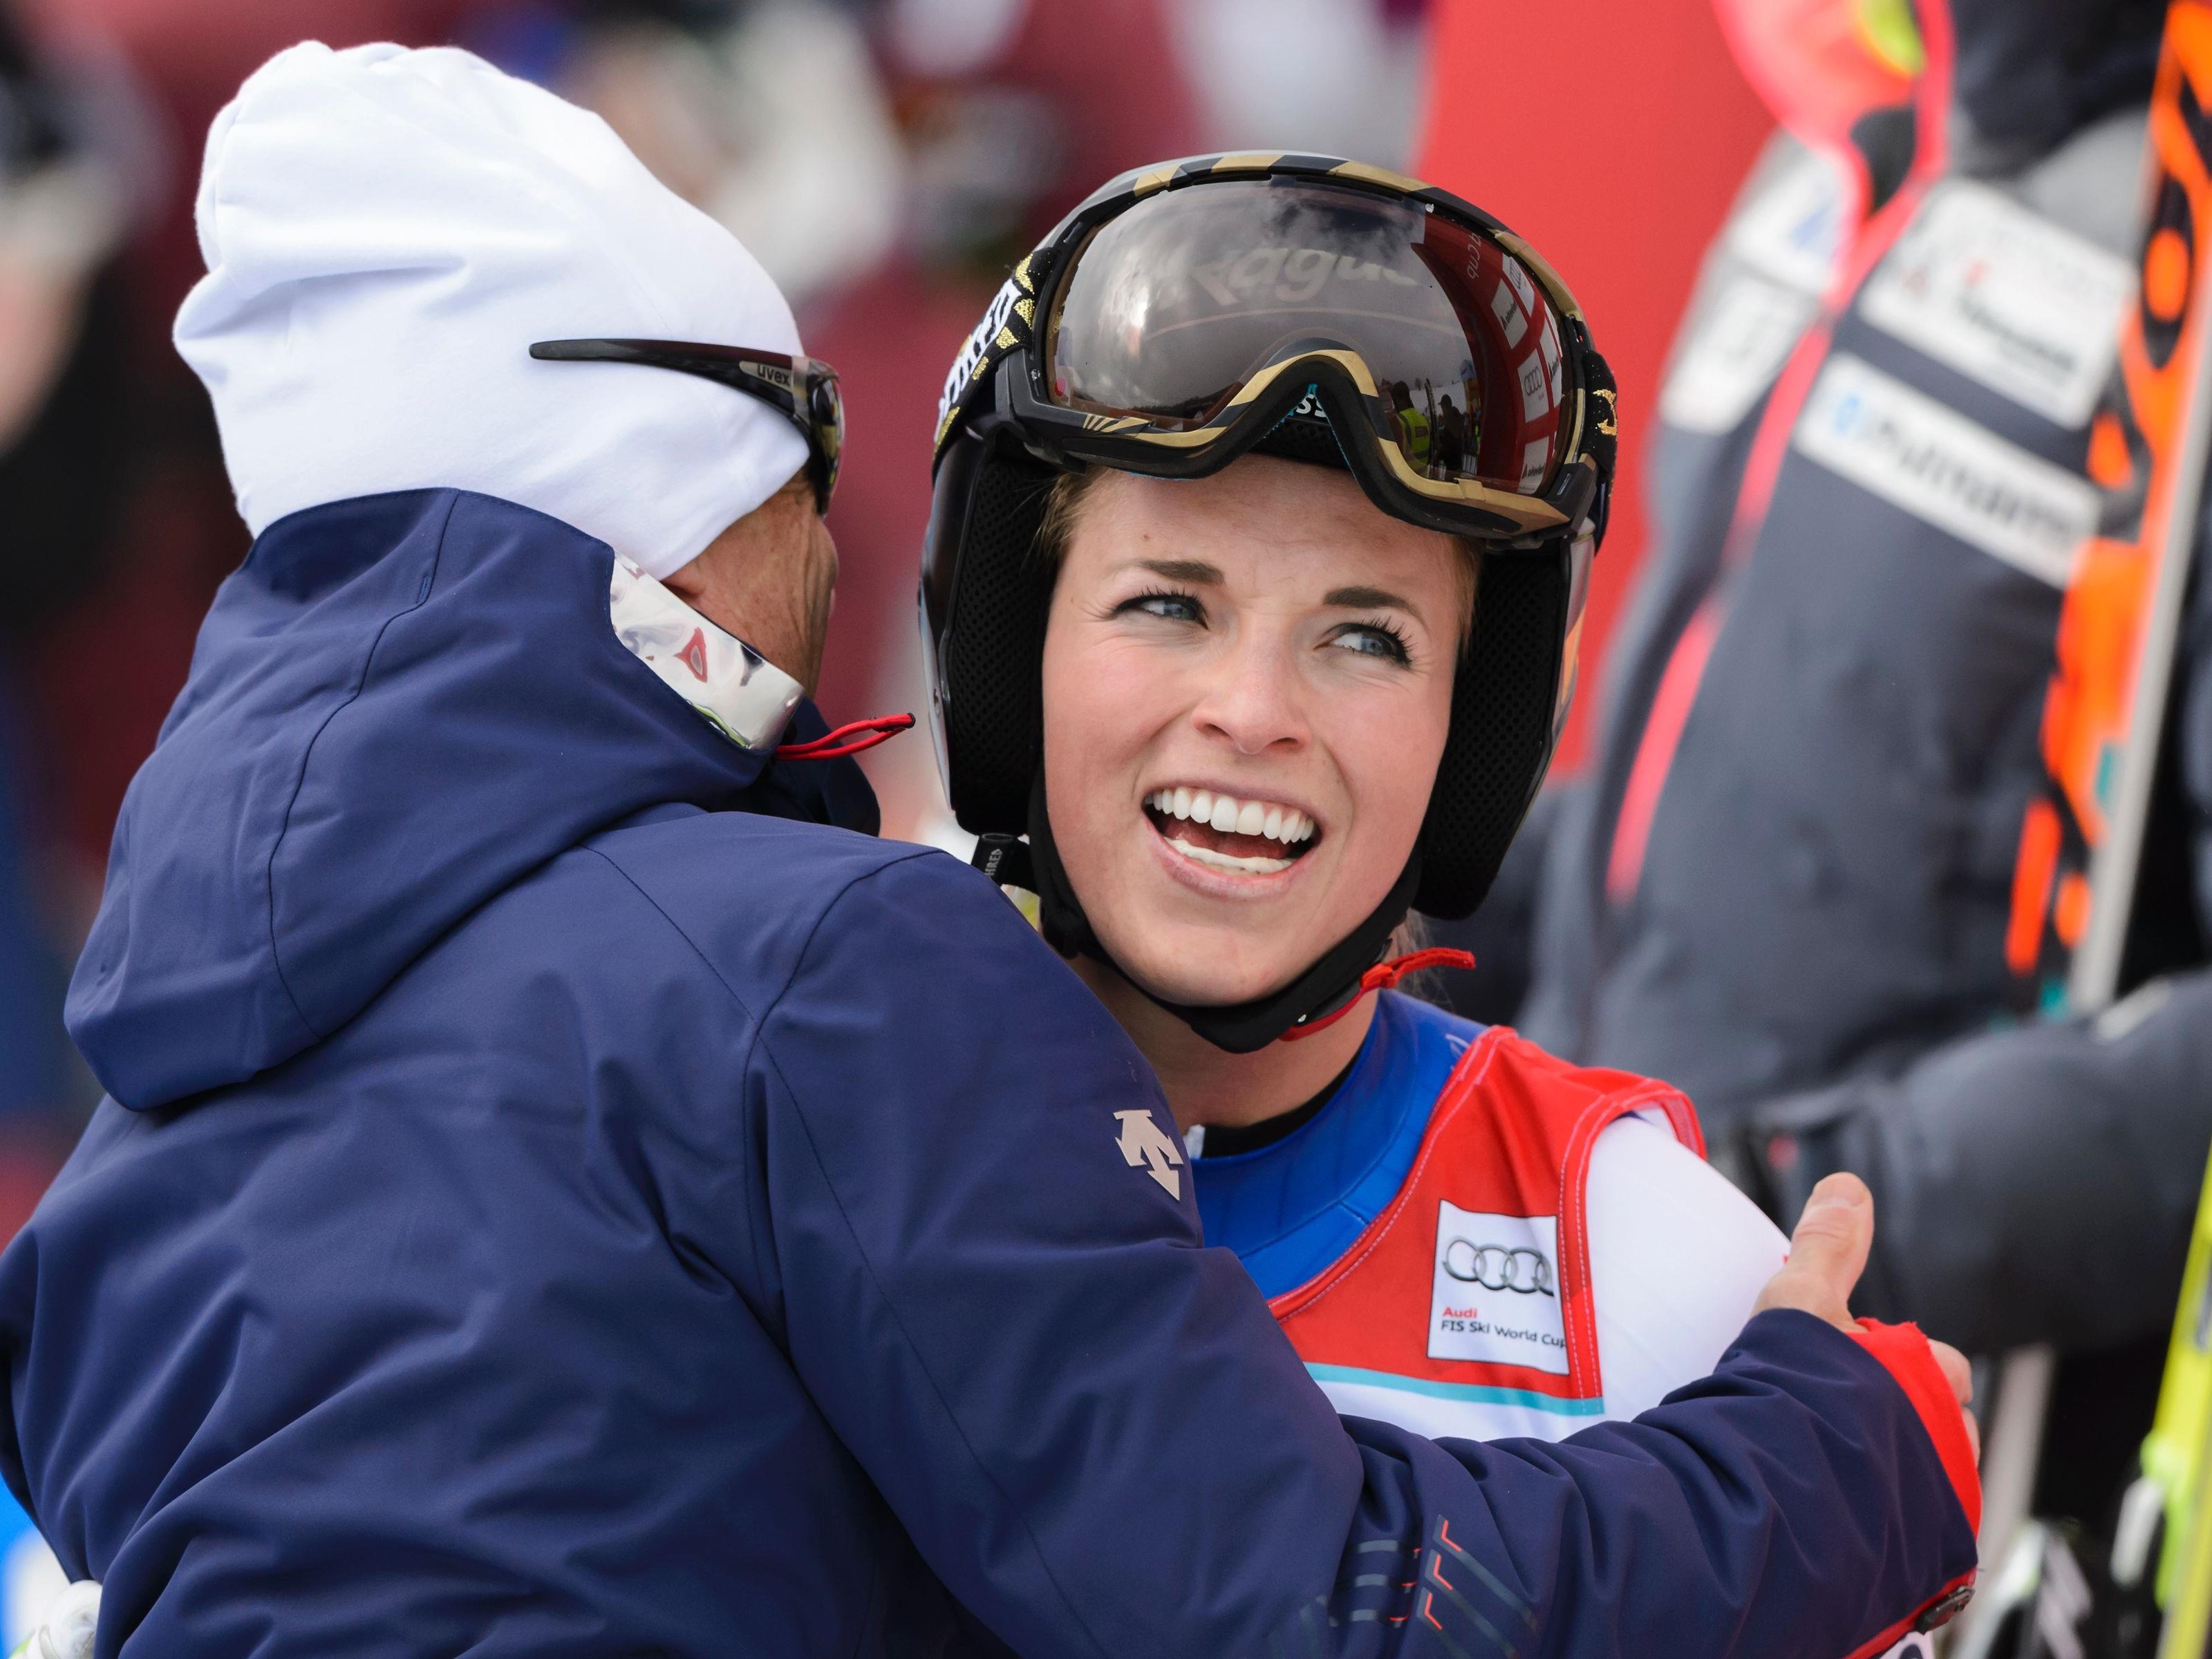 Hat gut lachen: Lara Gut holt sich vorzeitig den Gesamtweltcup!